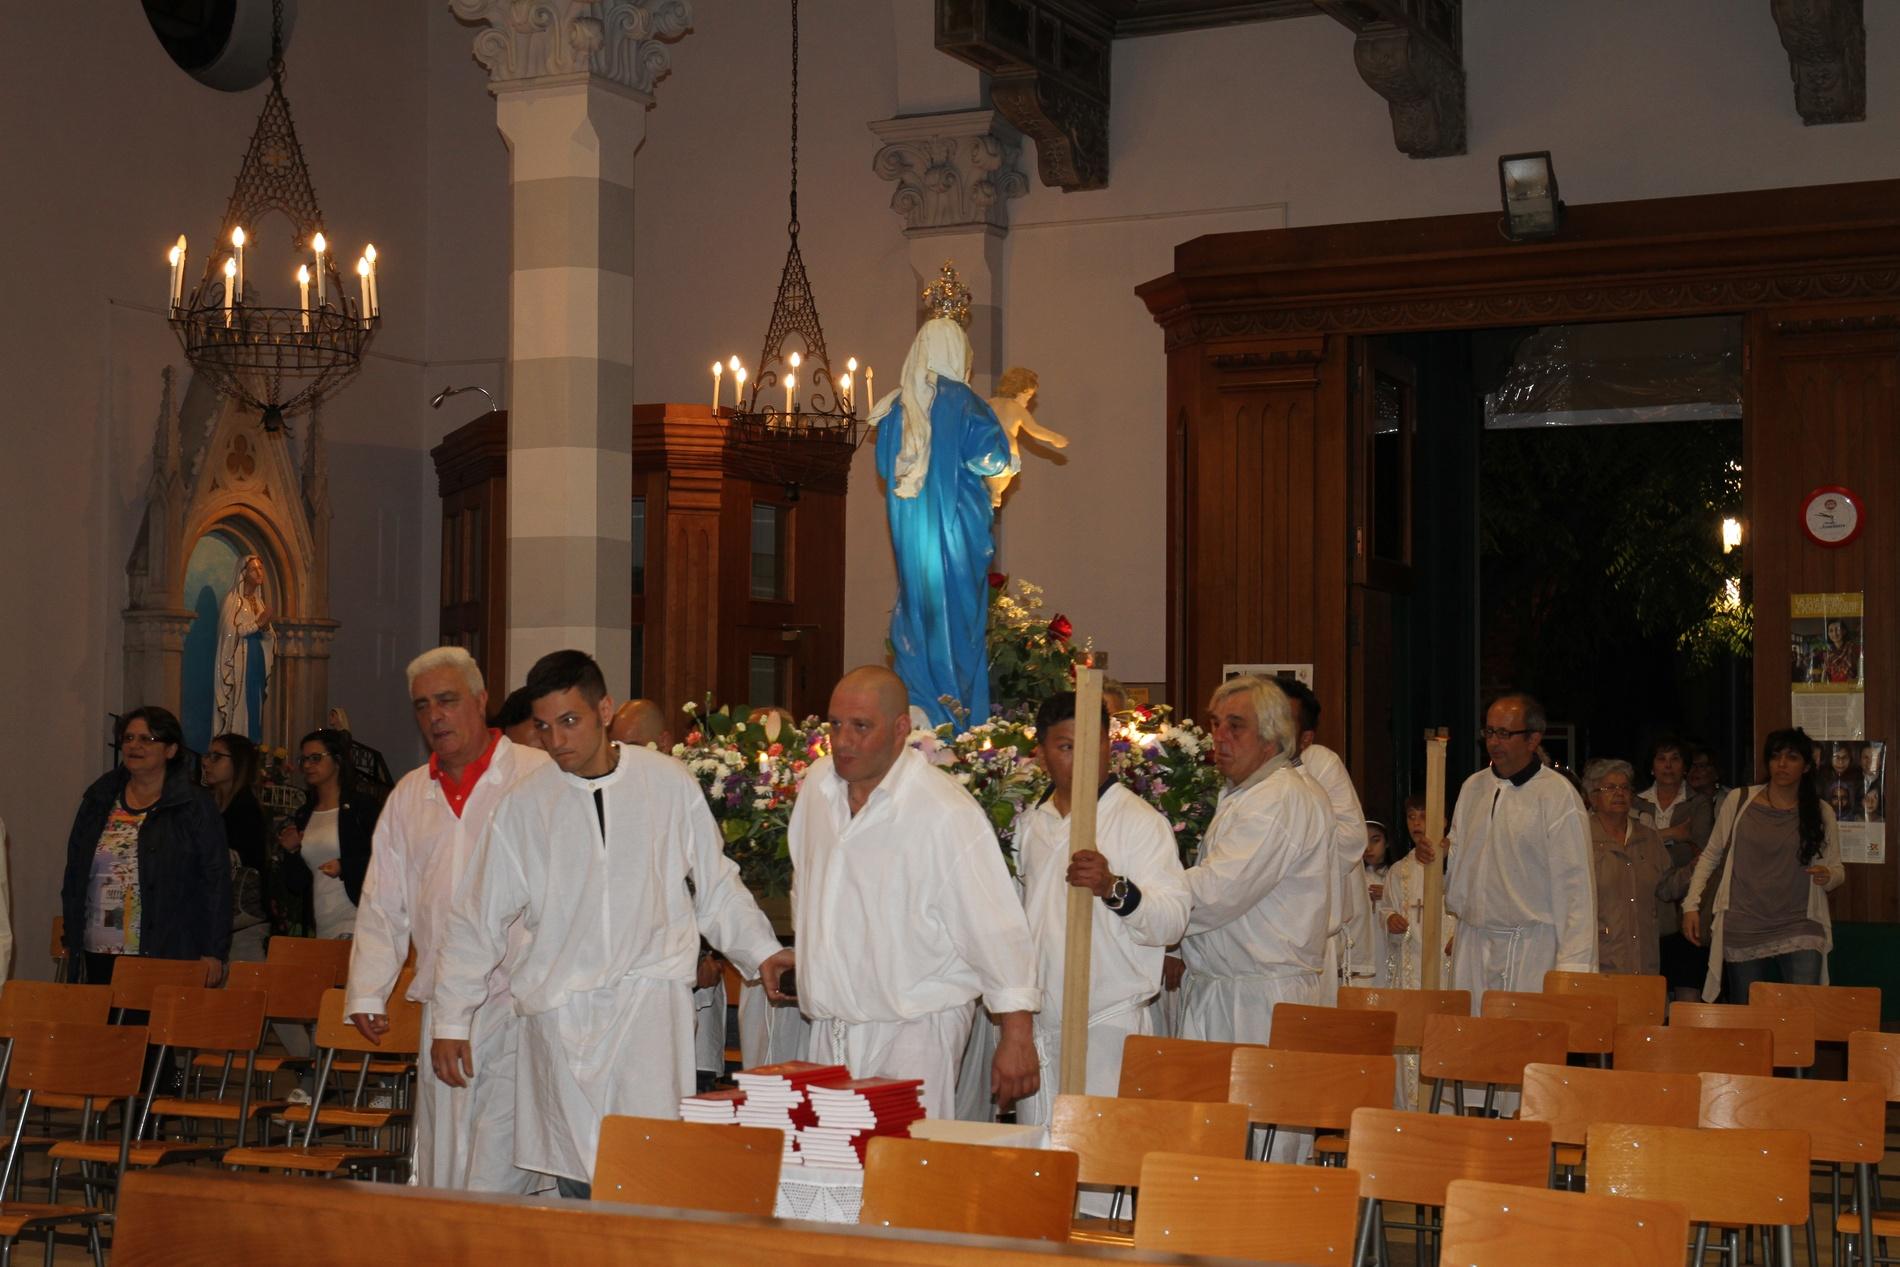 processione-madonna-2015-05-31-21-48-15